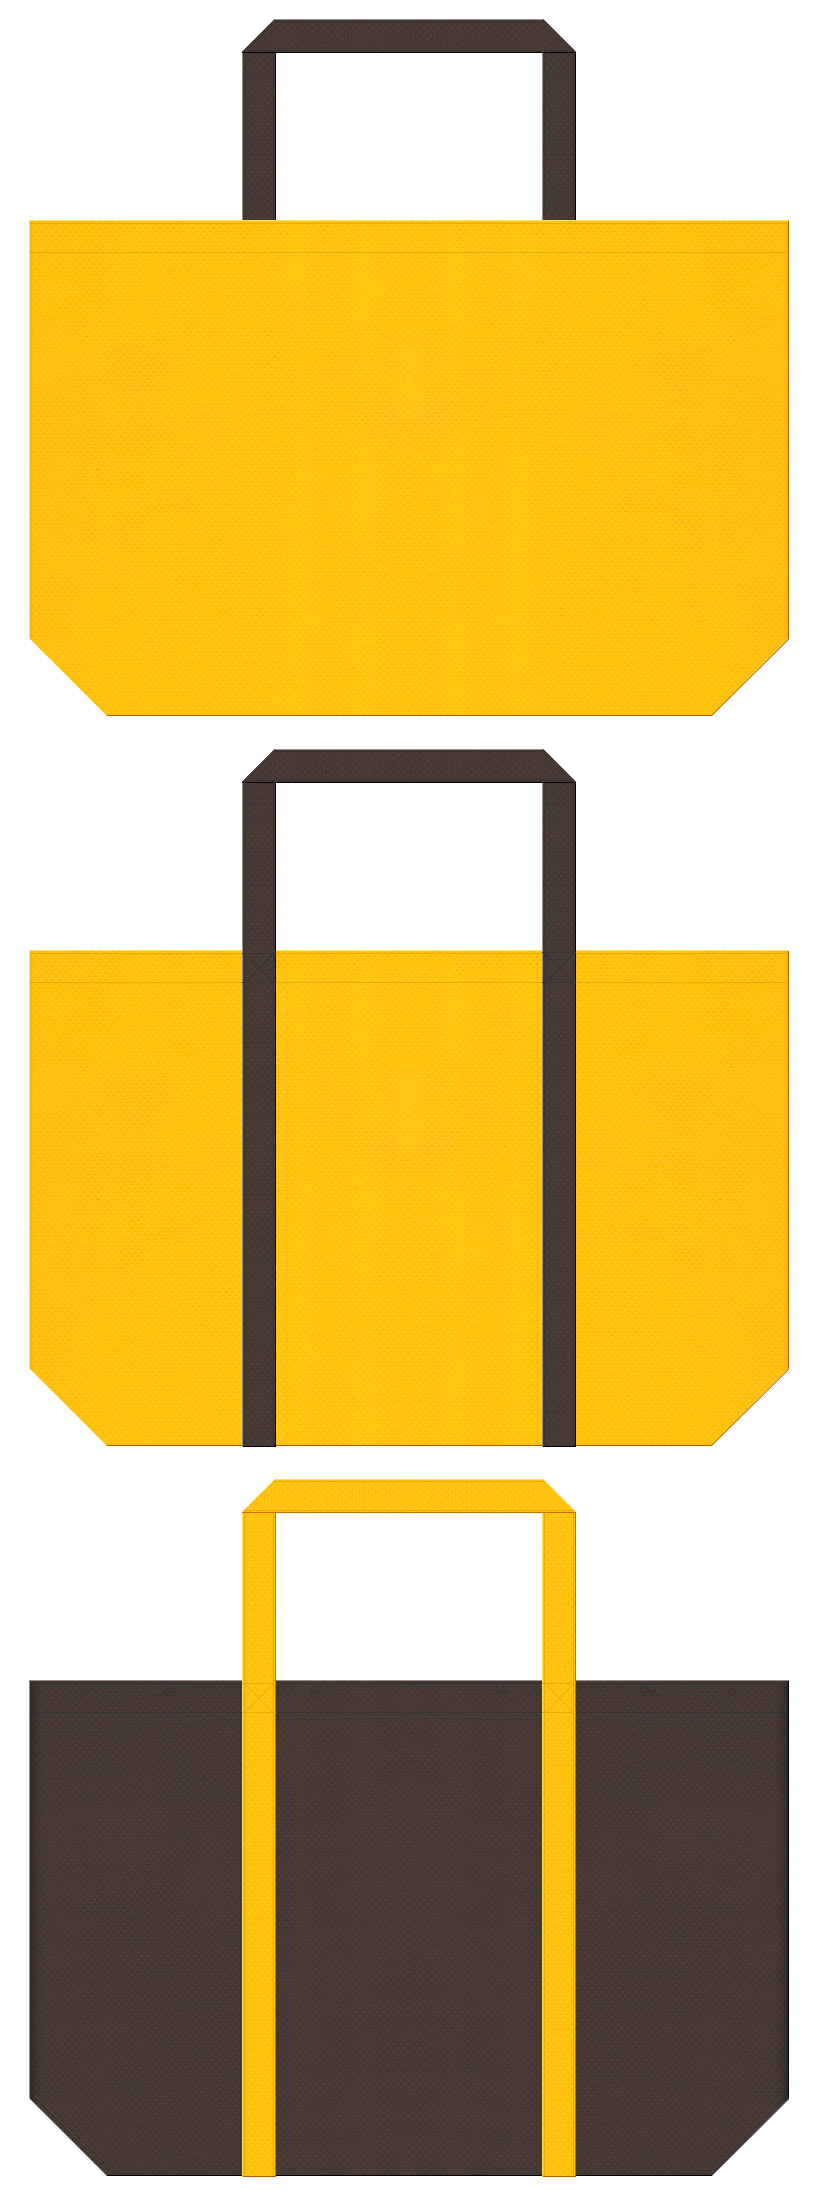 養蜂場・はちみつ・カステラ・栗饅頭・和菓子・マロンケーキ・ひまわり・食用油・バター・マスタード・テーマパーク・エンジンオイル・安全用品・登山・ランタン・バーベキュー・キャンプ・アウトドア用品の展示会用バッグにお奨めの不織布バッグデザイン:黄色とこげ茶色のコーデ